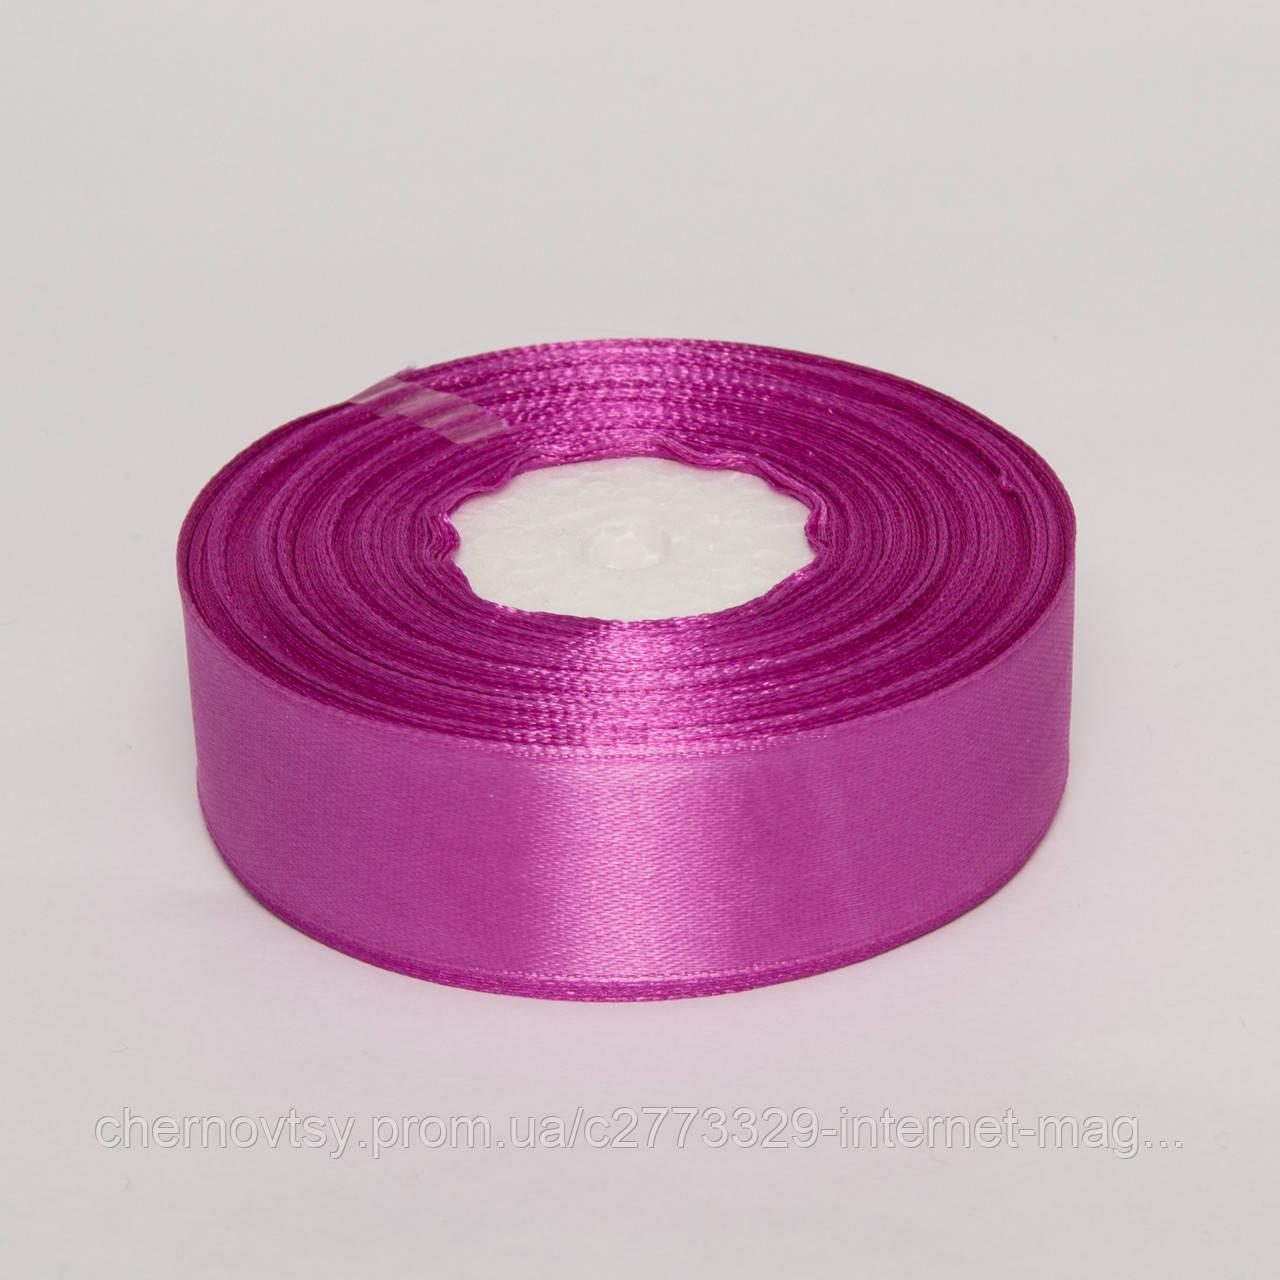 Стрічка атлас 5 см, 33 м, № 65 Світло-фіолетова